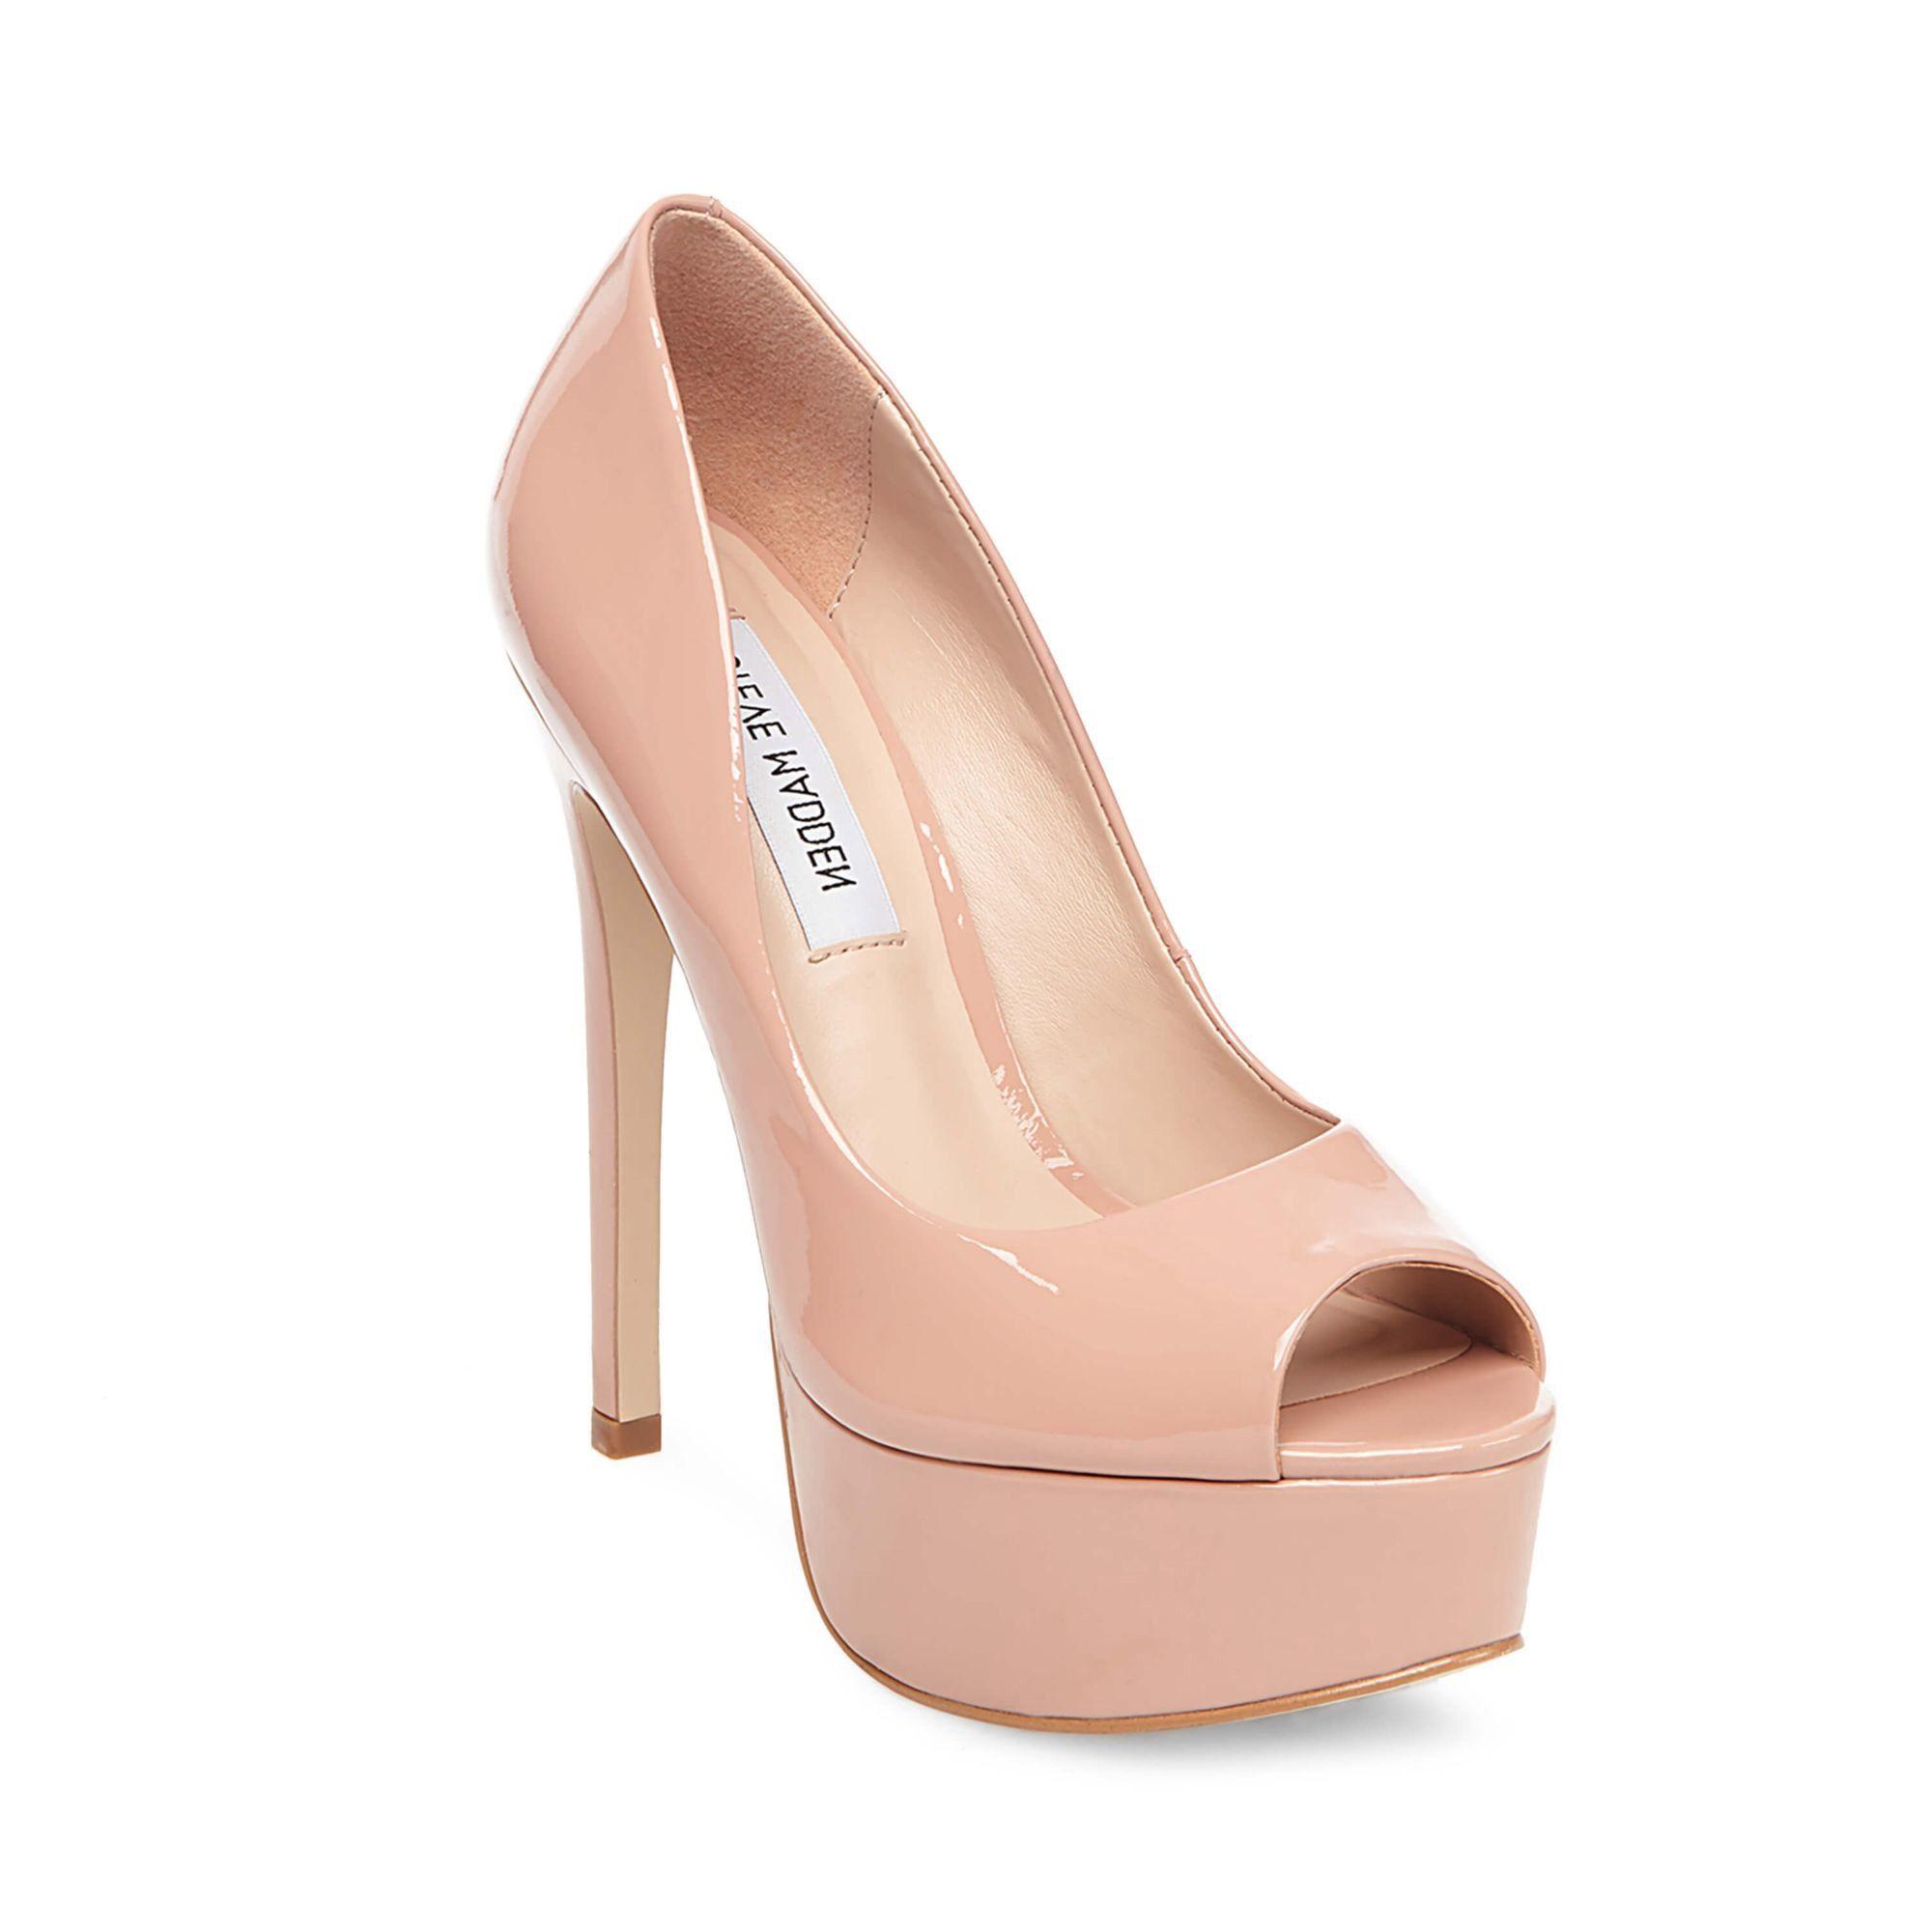 35d140b01 STEVE MADDEN DEANNA.  stevemadden  shoes